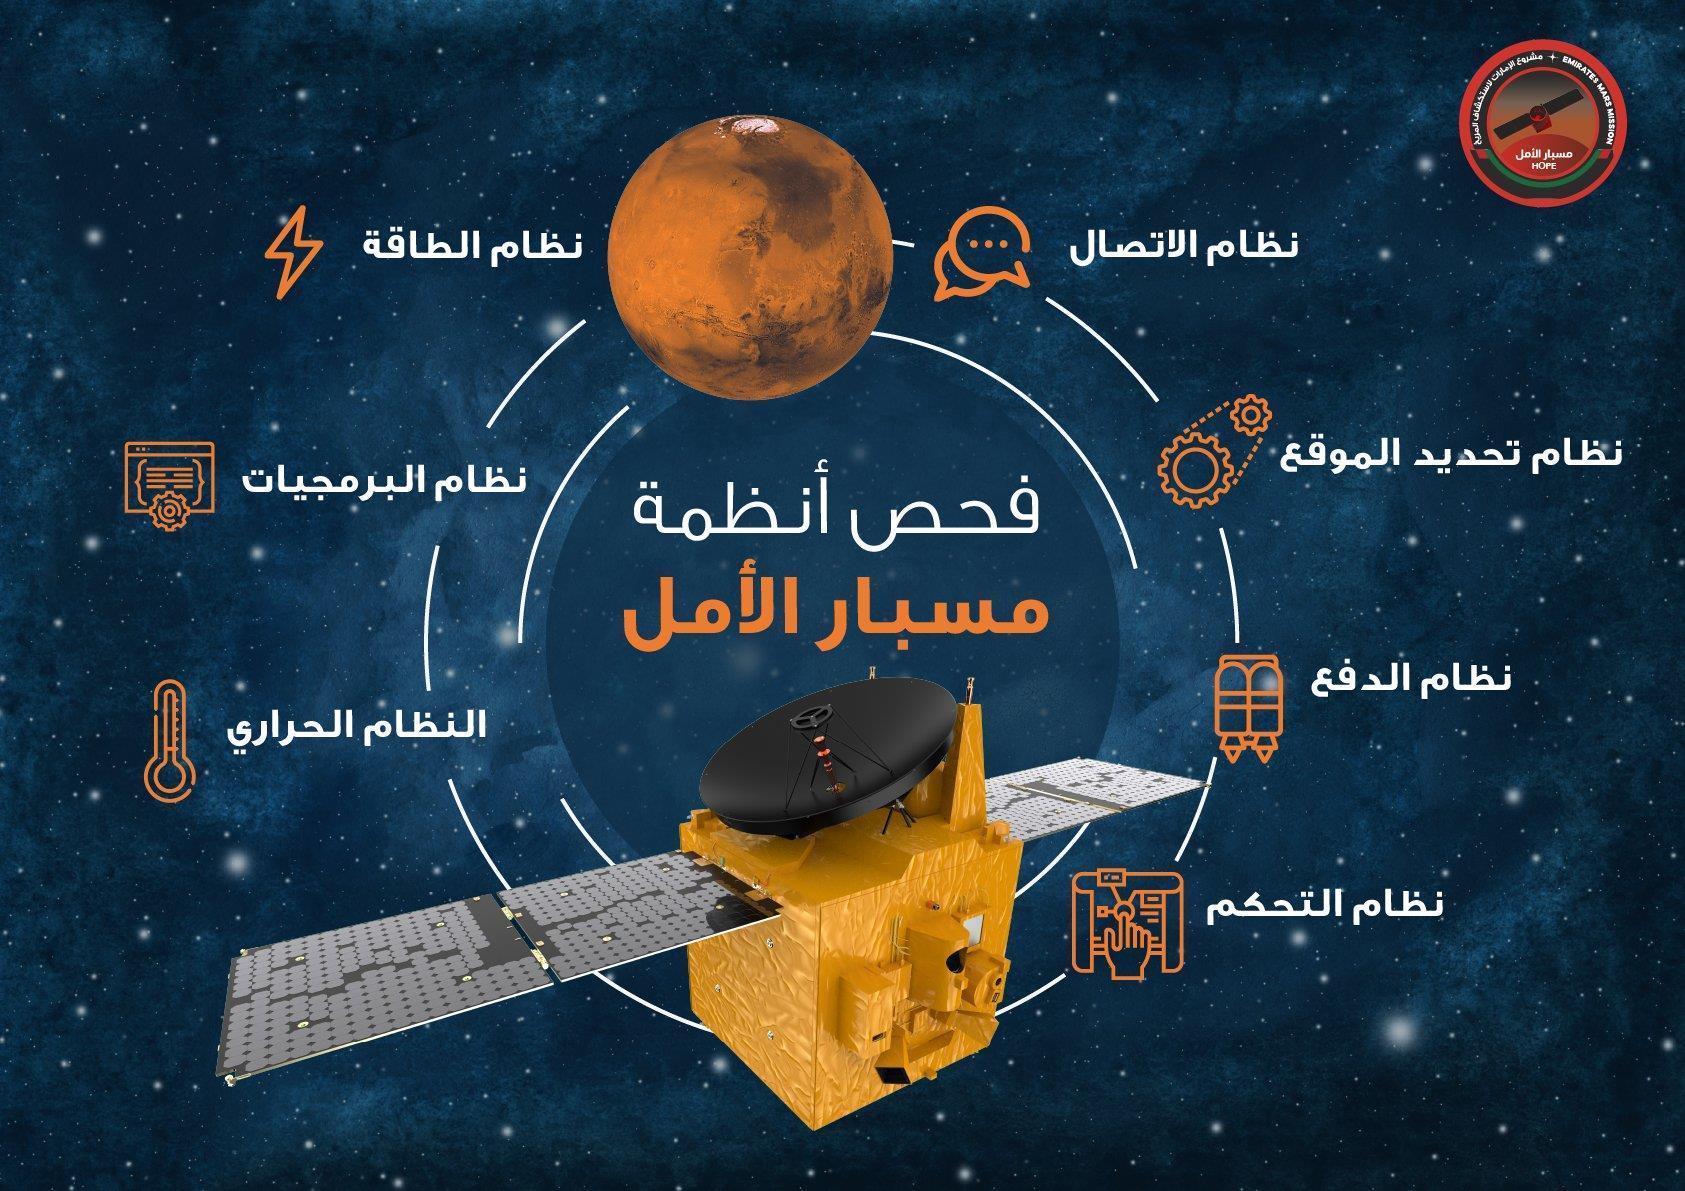 الإمارات تستعد لإطلاق «مسبار الأمل» لاستكشاف المريخ